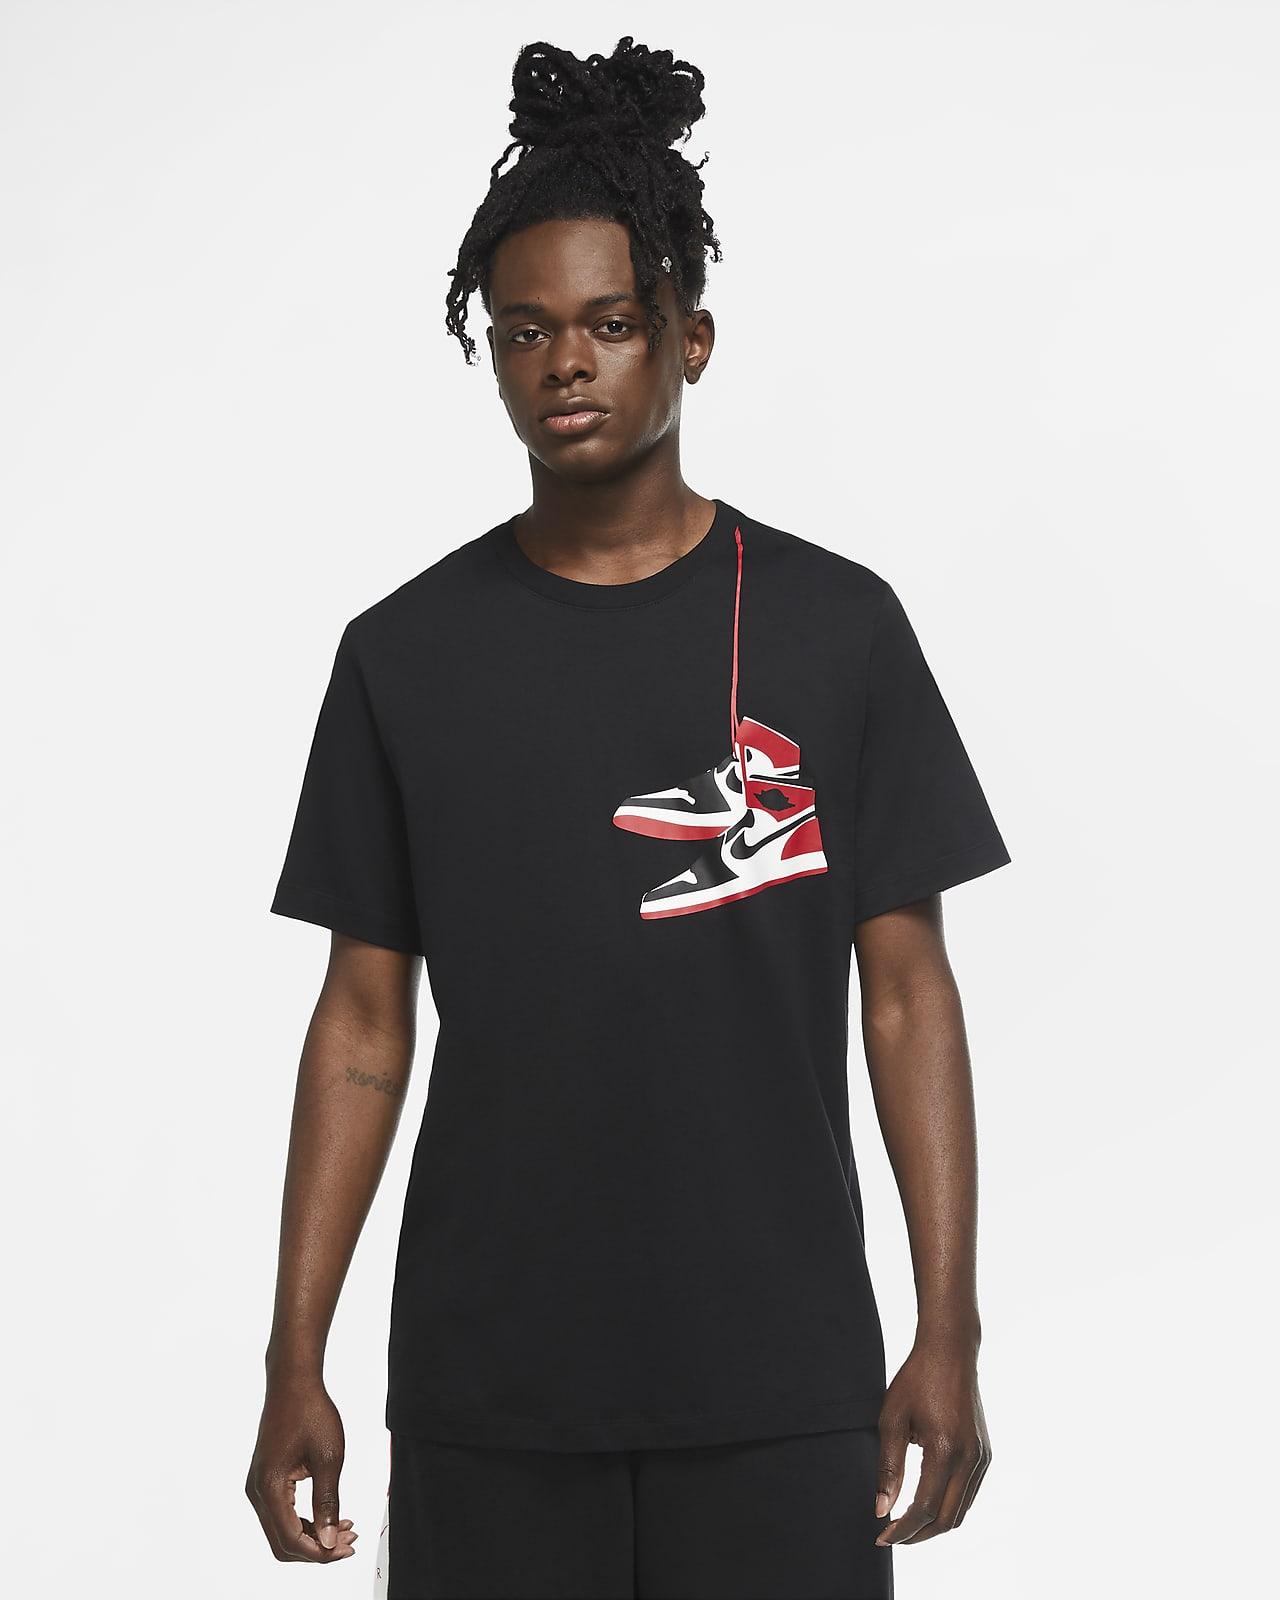 เสื้อคอกลมผู้ชาย Jordan AJ1 Shoe